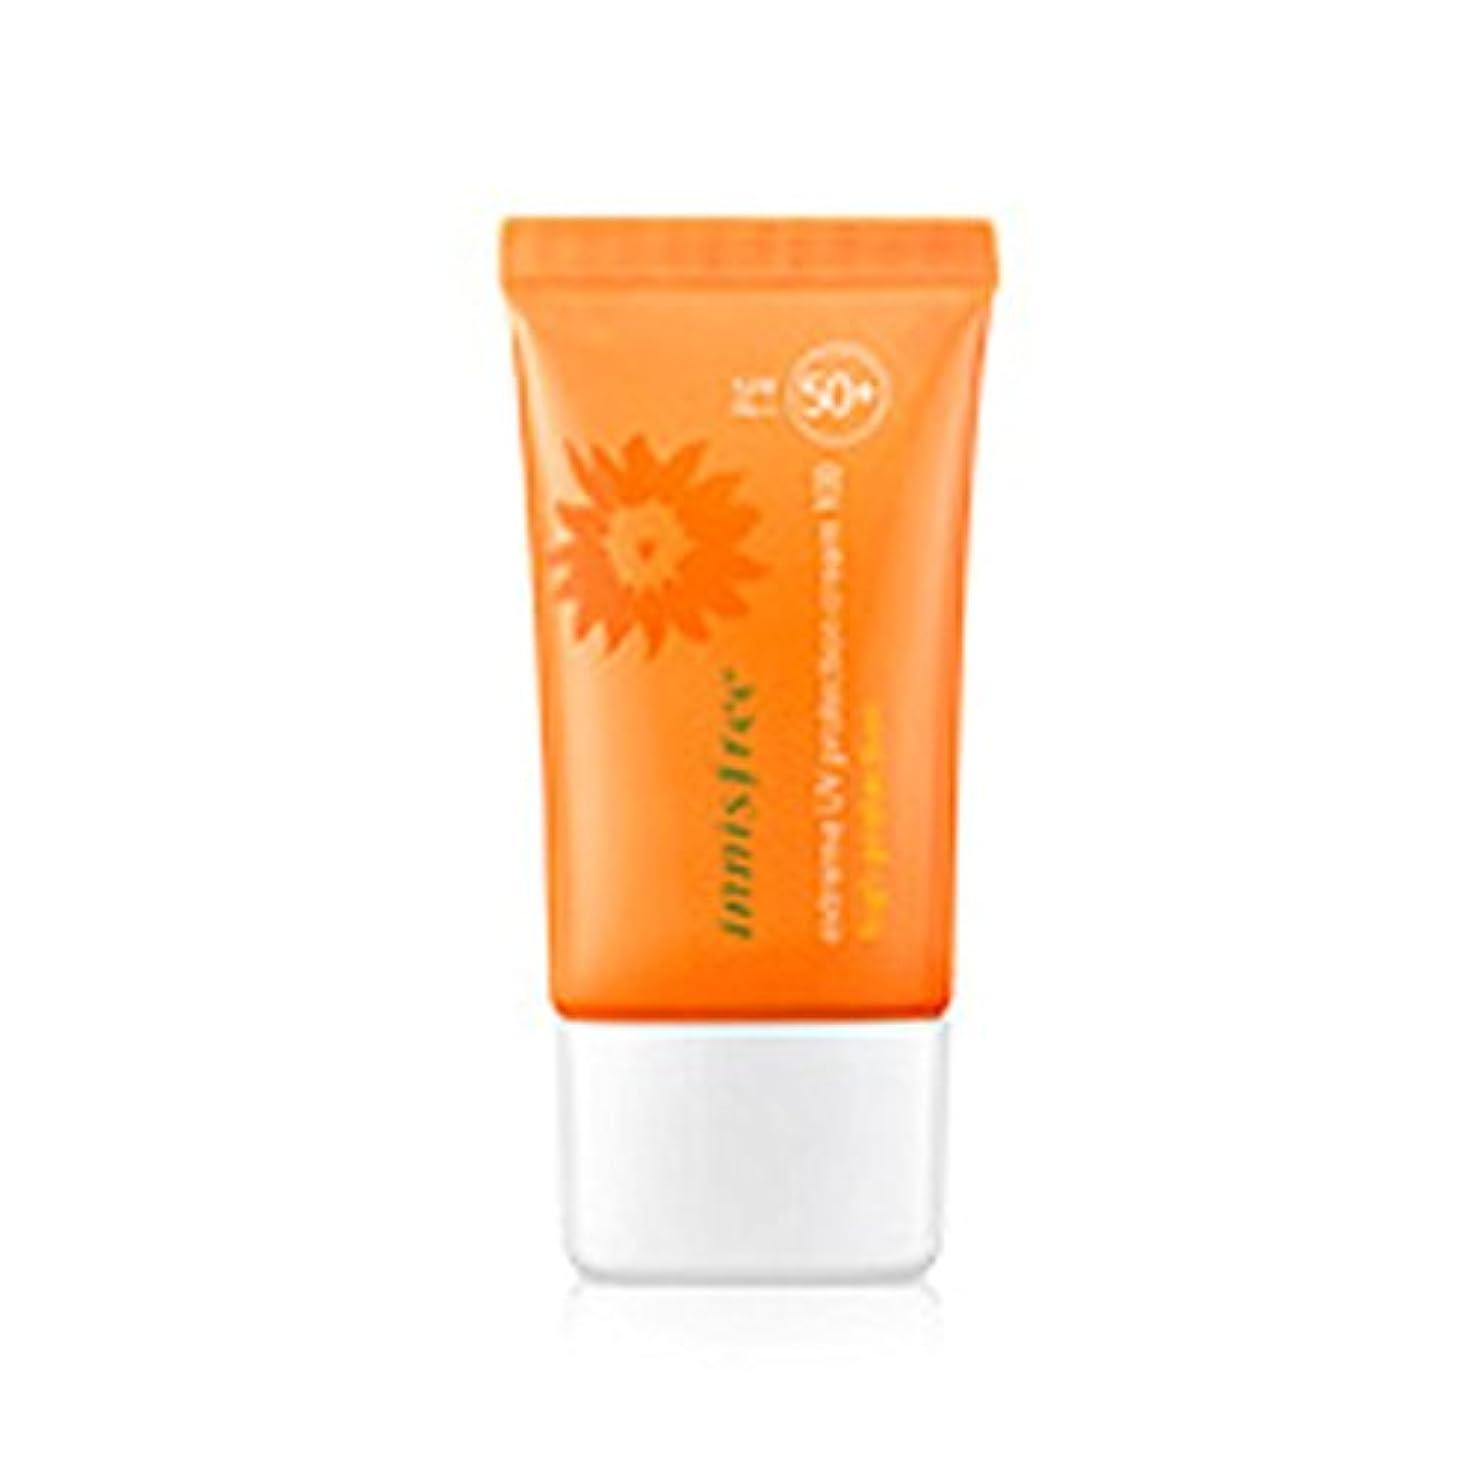 ネストスチュワード関与するイニスフリーエクストリームUVプロテクションクリーム100ハイプロテクション50ml   SPF50 + PA +++ Innisfree Extreme UV Protection Cream100 High Protection...